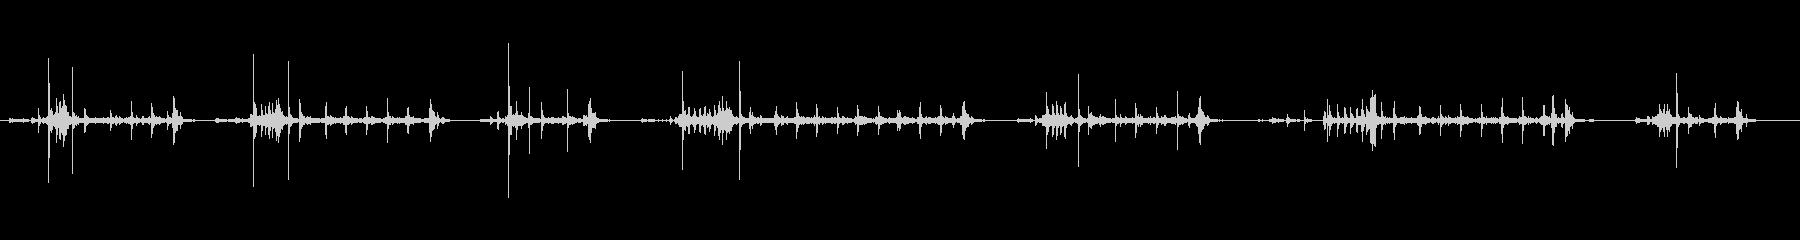 ロータリー電話のダイヤル番号の未再生の波形